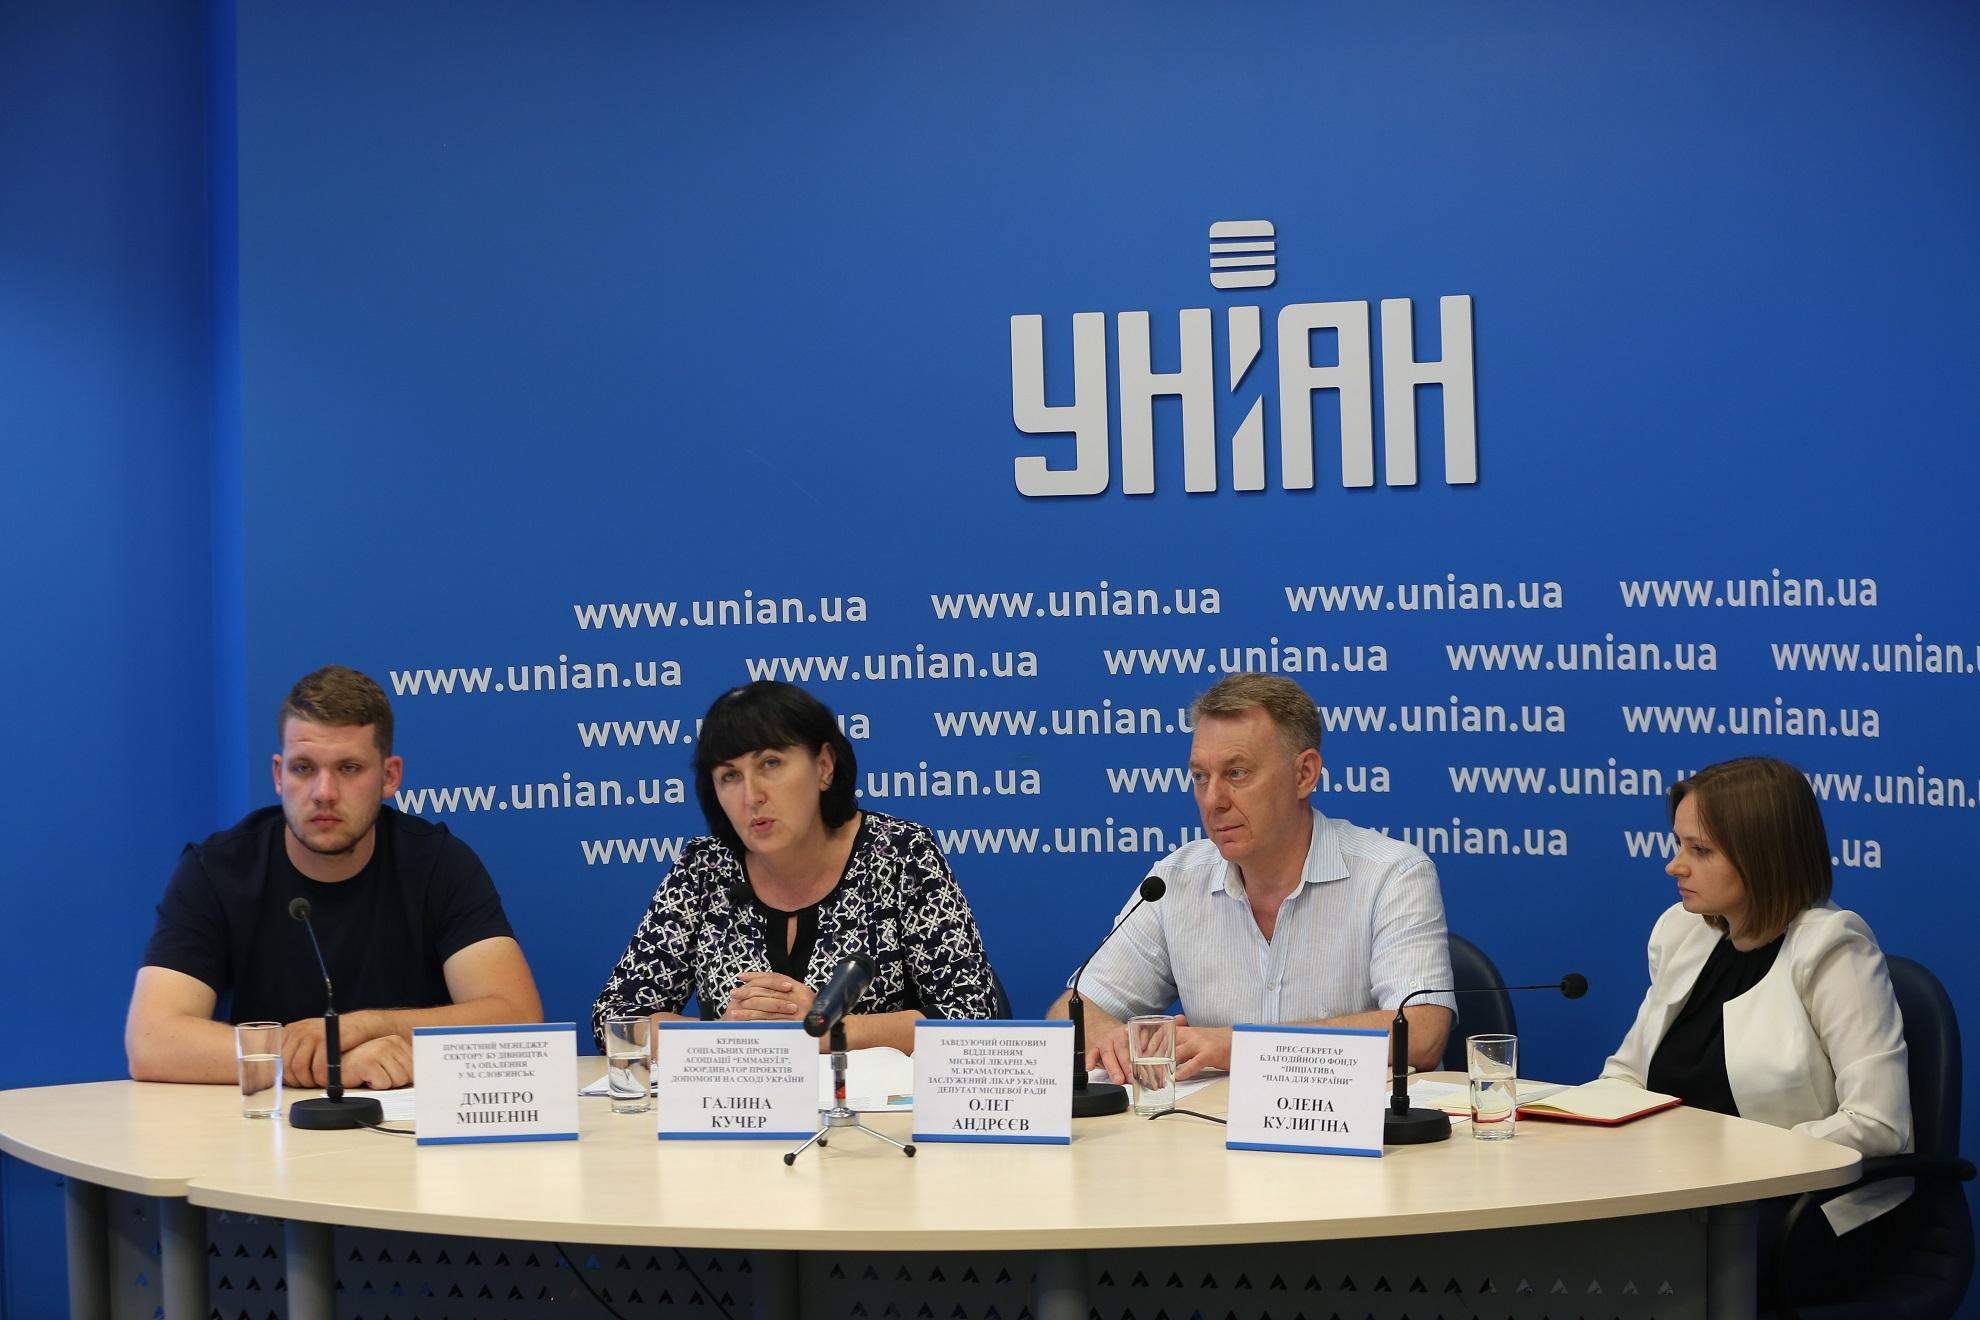 """Фонд """"Папа для України"""" надав 500 тисяч євро на проекти відбудови Донбасу та соціального захисту переселенців"""